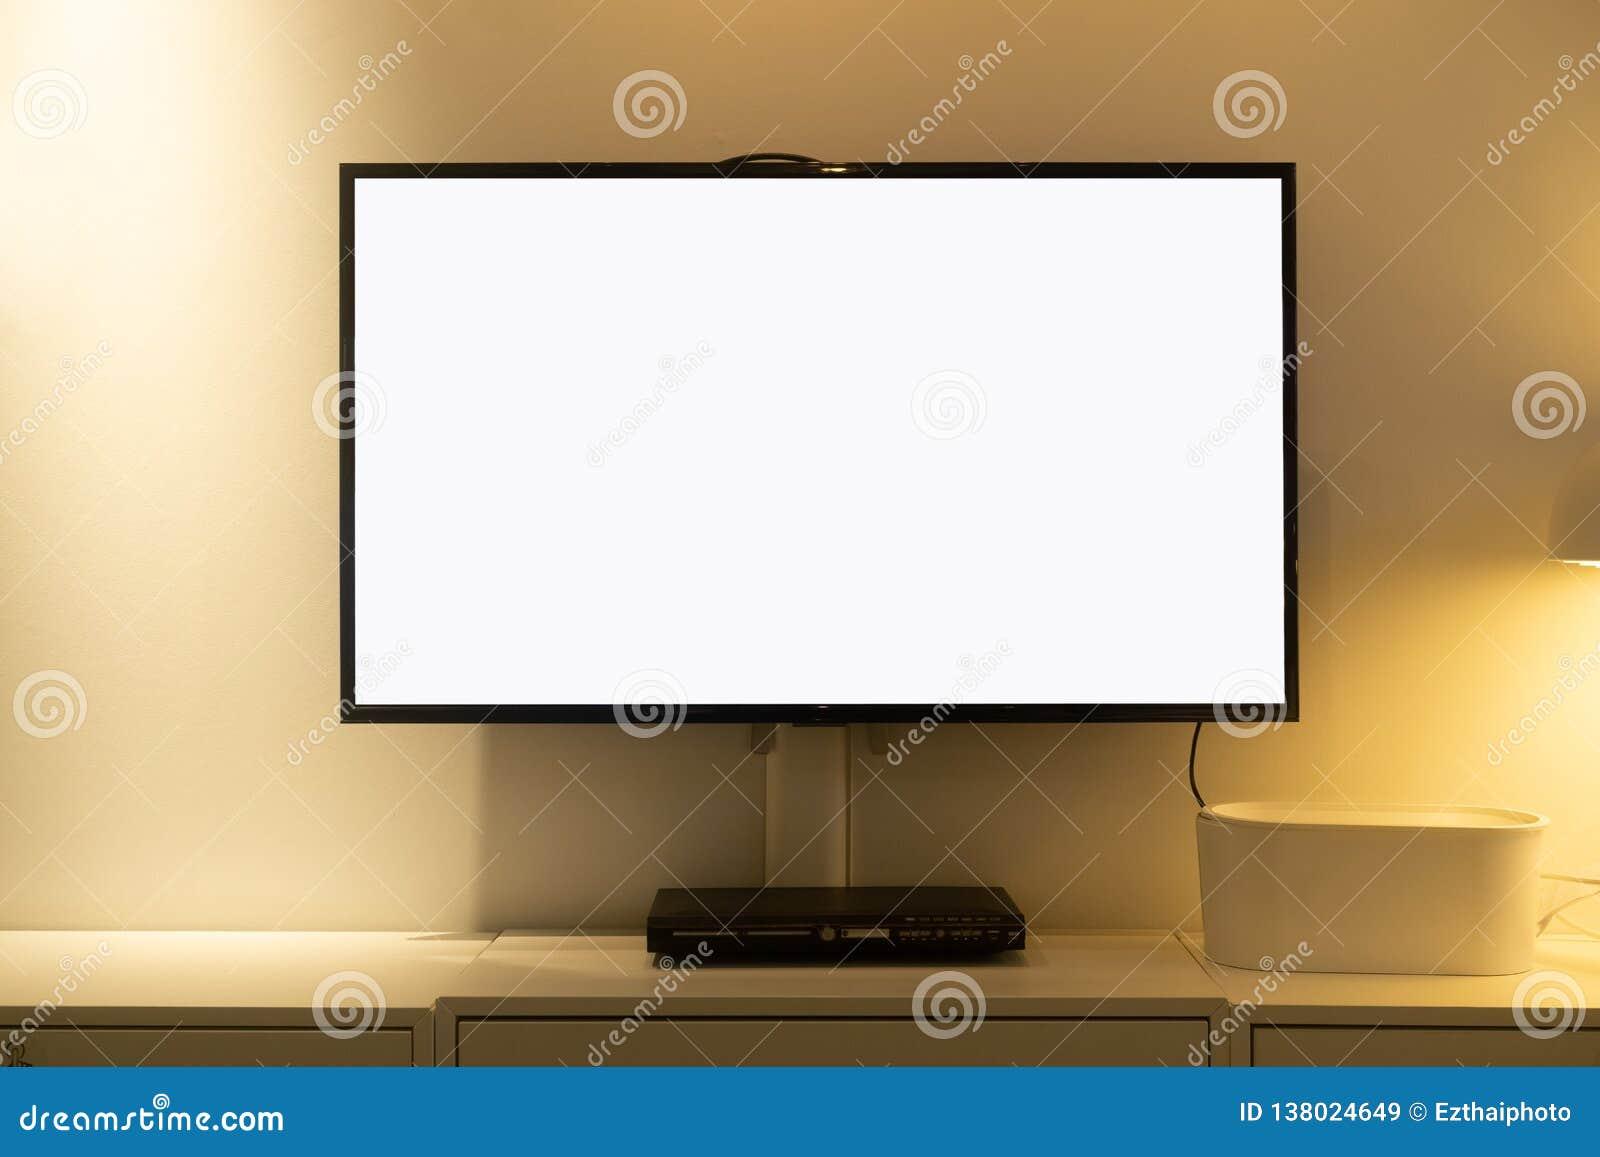 客厅带领了在混凝土墙上的黑屏电视有木桌和传媒播放装置的 大模型拷贝空间的黑屏电视